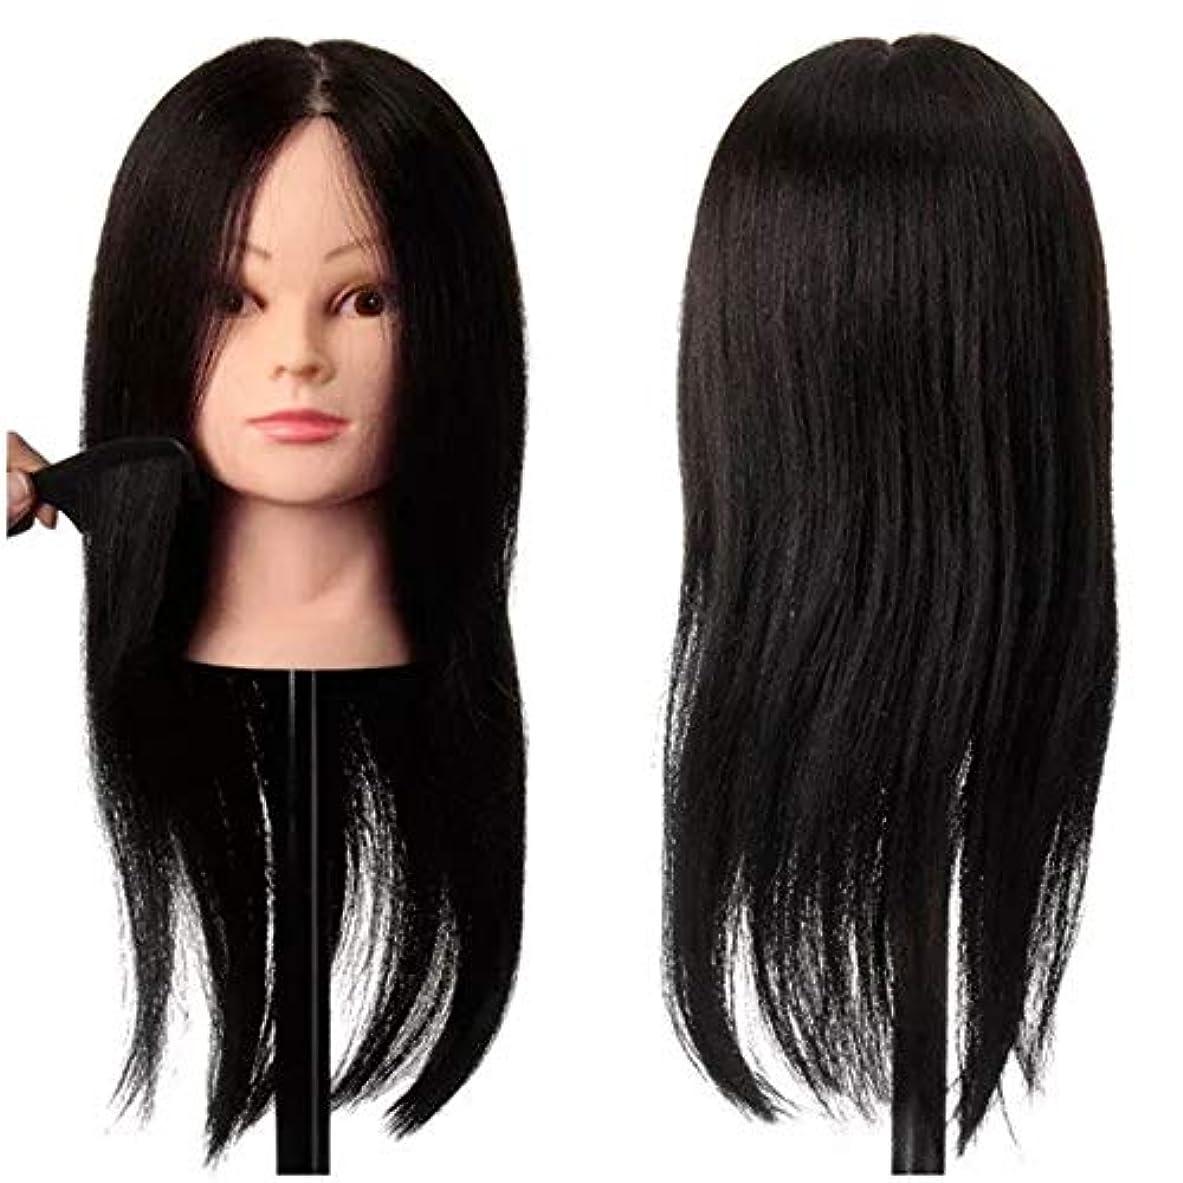 西実験をする十ウイッグ マネキンヘッド クランプホルダを切断100%黒の練習マネキン本物の人間の髪の毛のトレーニング頭理髪 練習用 (色 : ブラック, サイズ : 25*16*12cm)